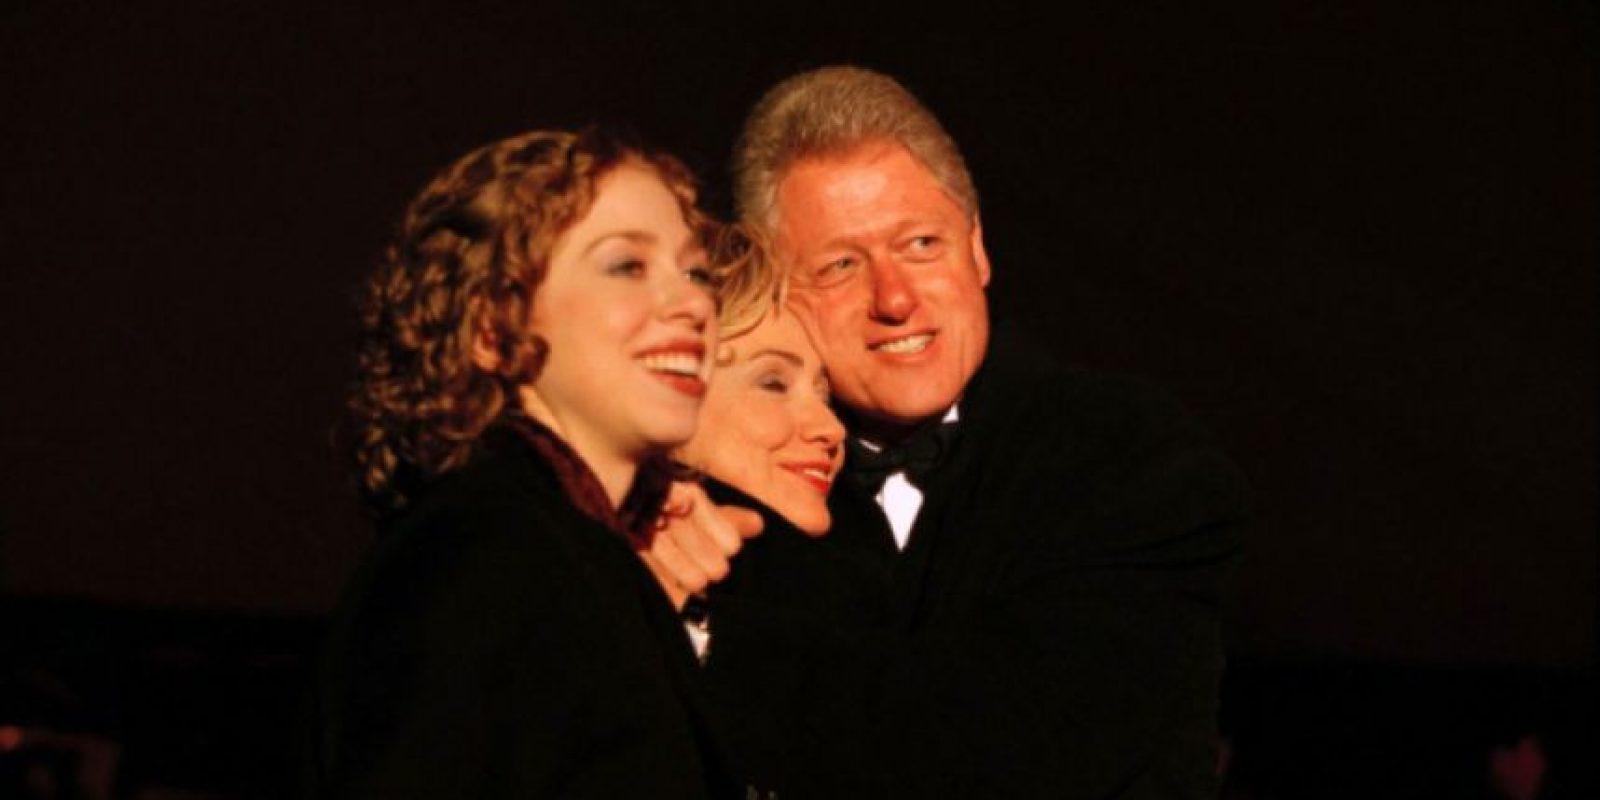 La familia completa celebrando la llegada del nuevo milenio, 1 de enero de 2000. Foto:Getty Images